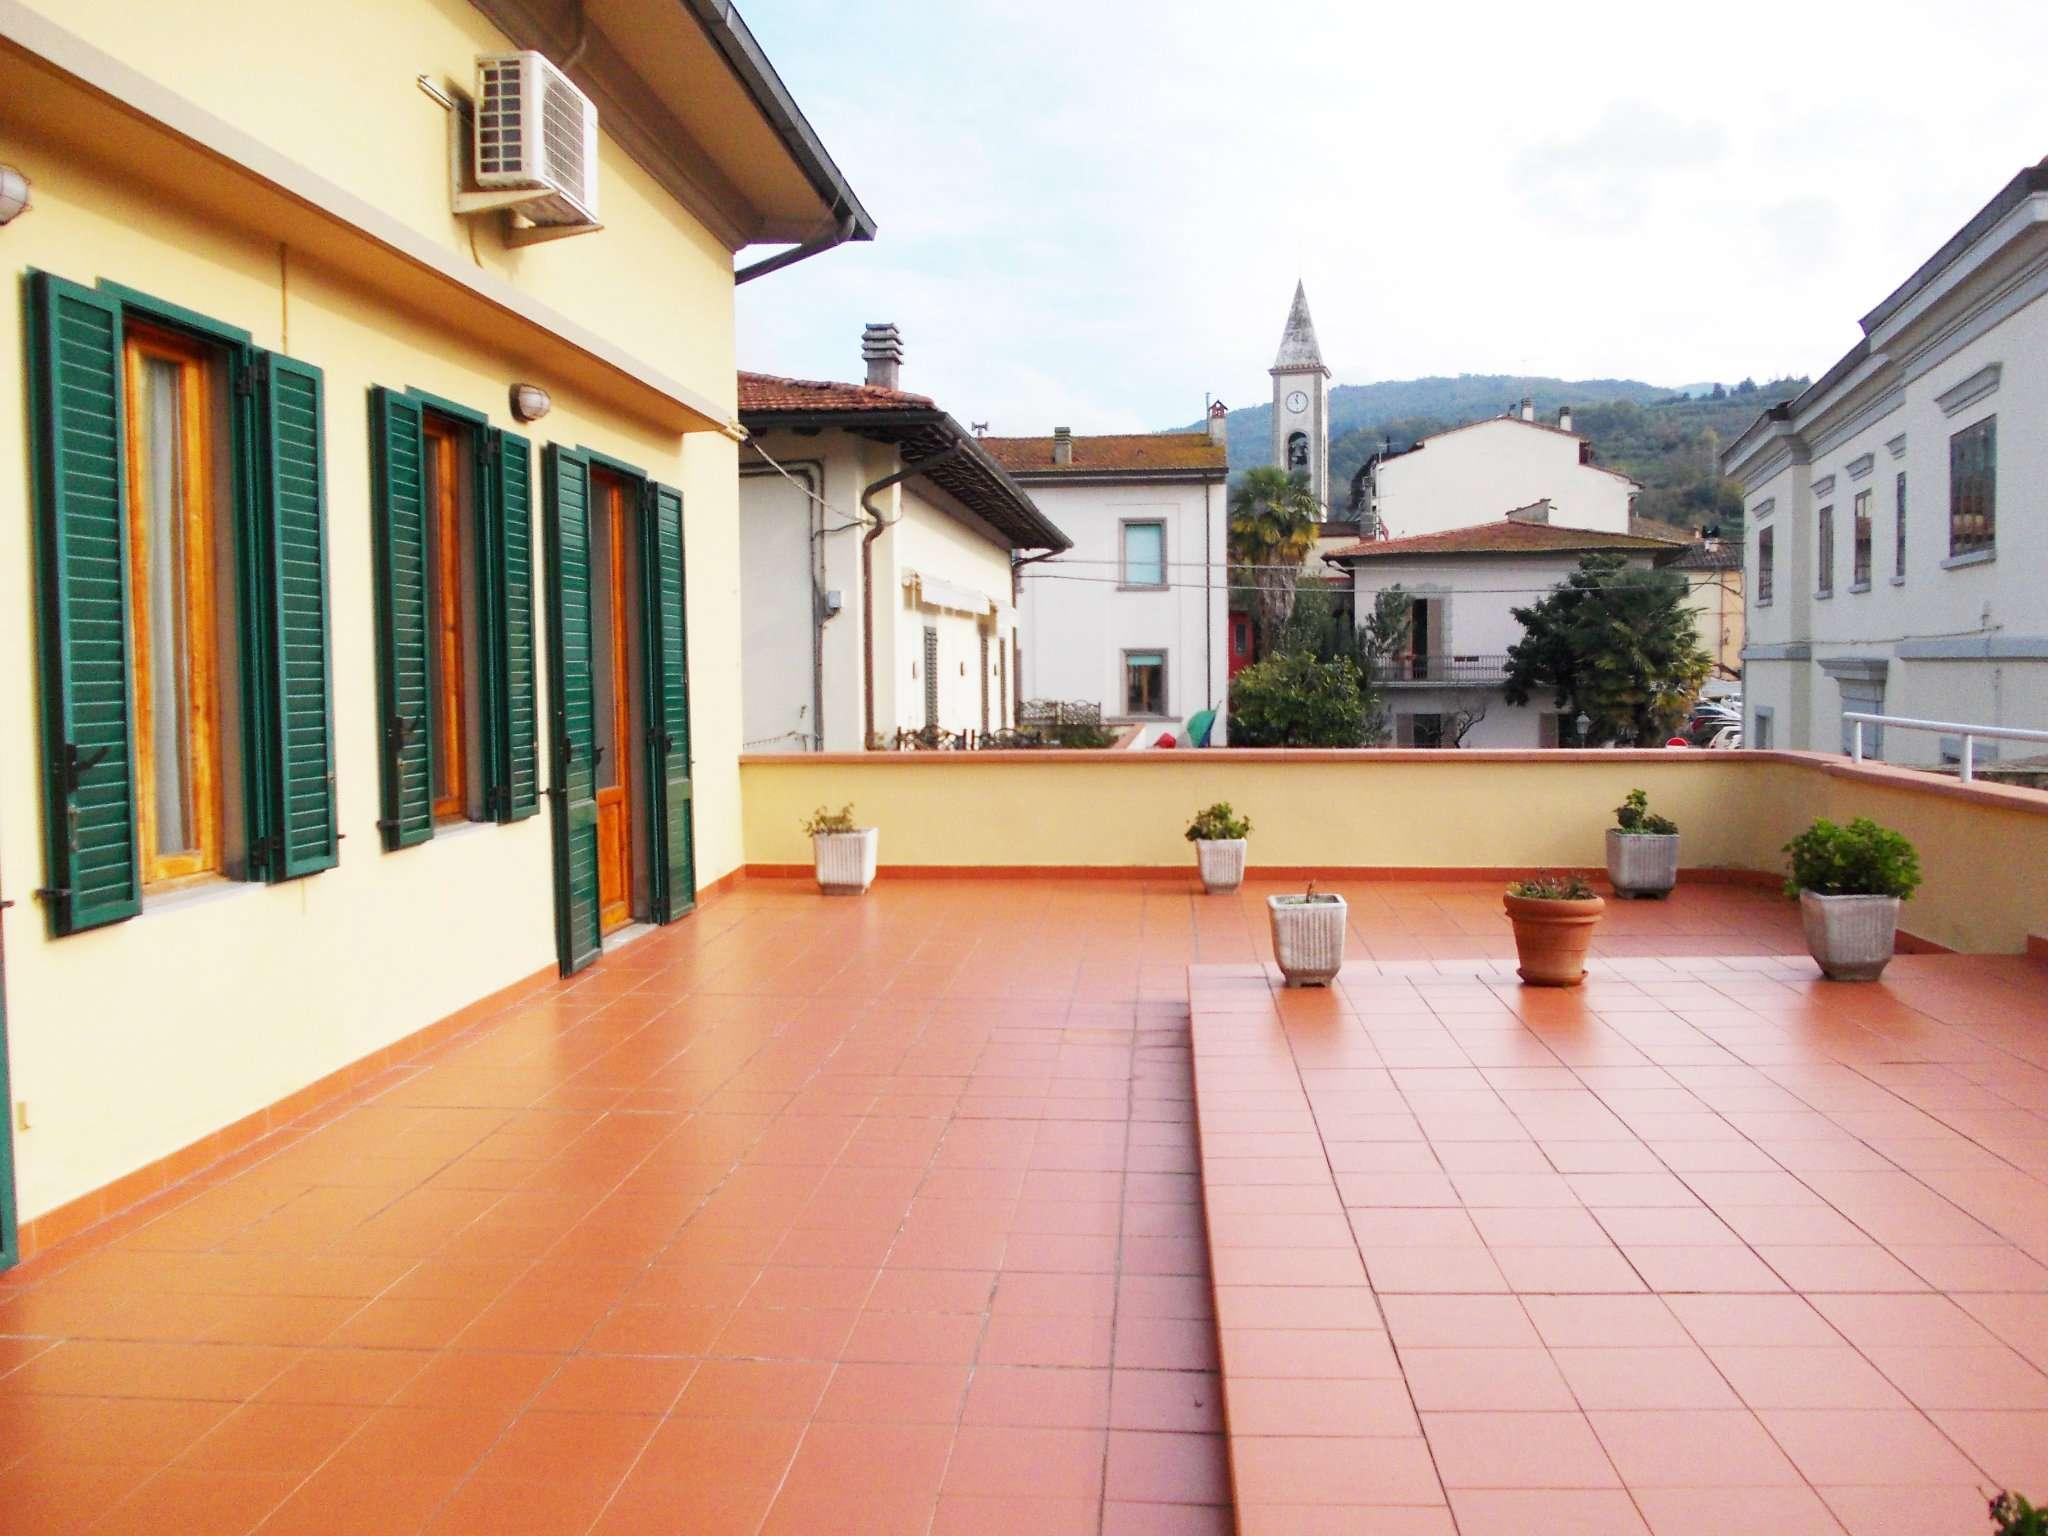 Attico / Mansarda in vendita a Rufina, 7 locali, prezzo € 259.000 | Cambio Casa.it